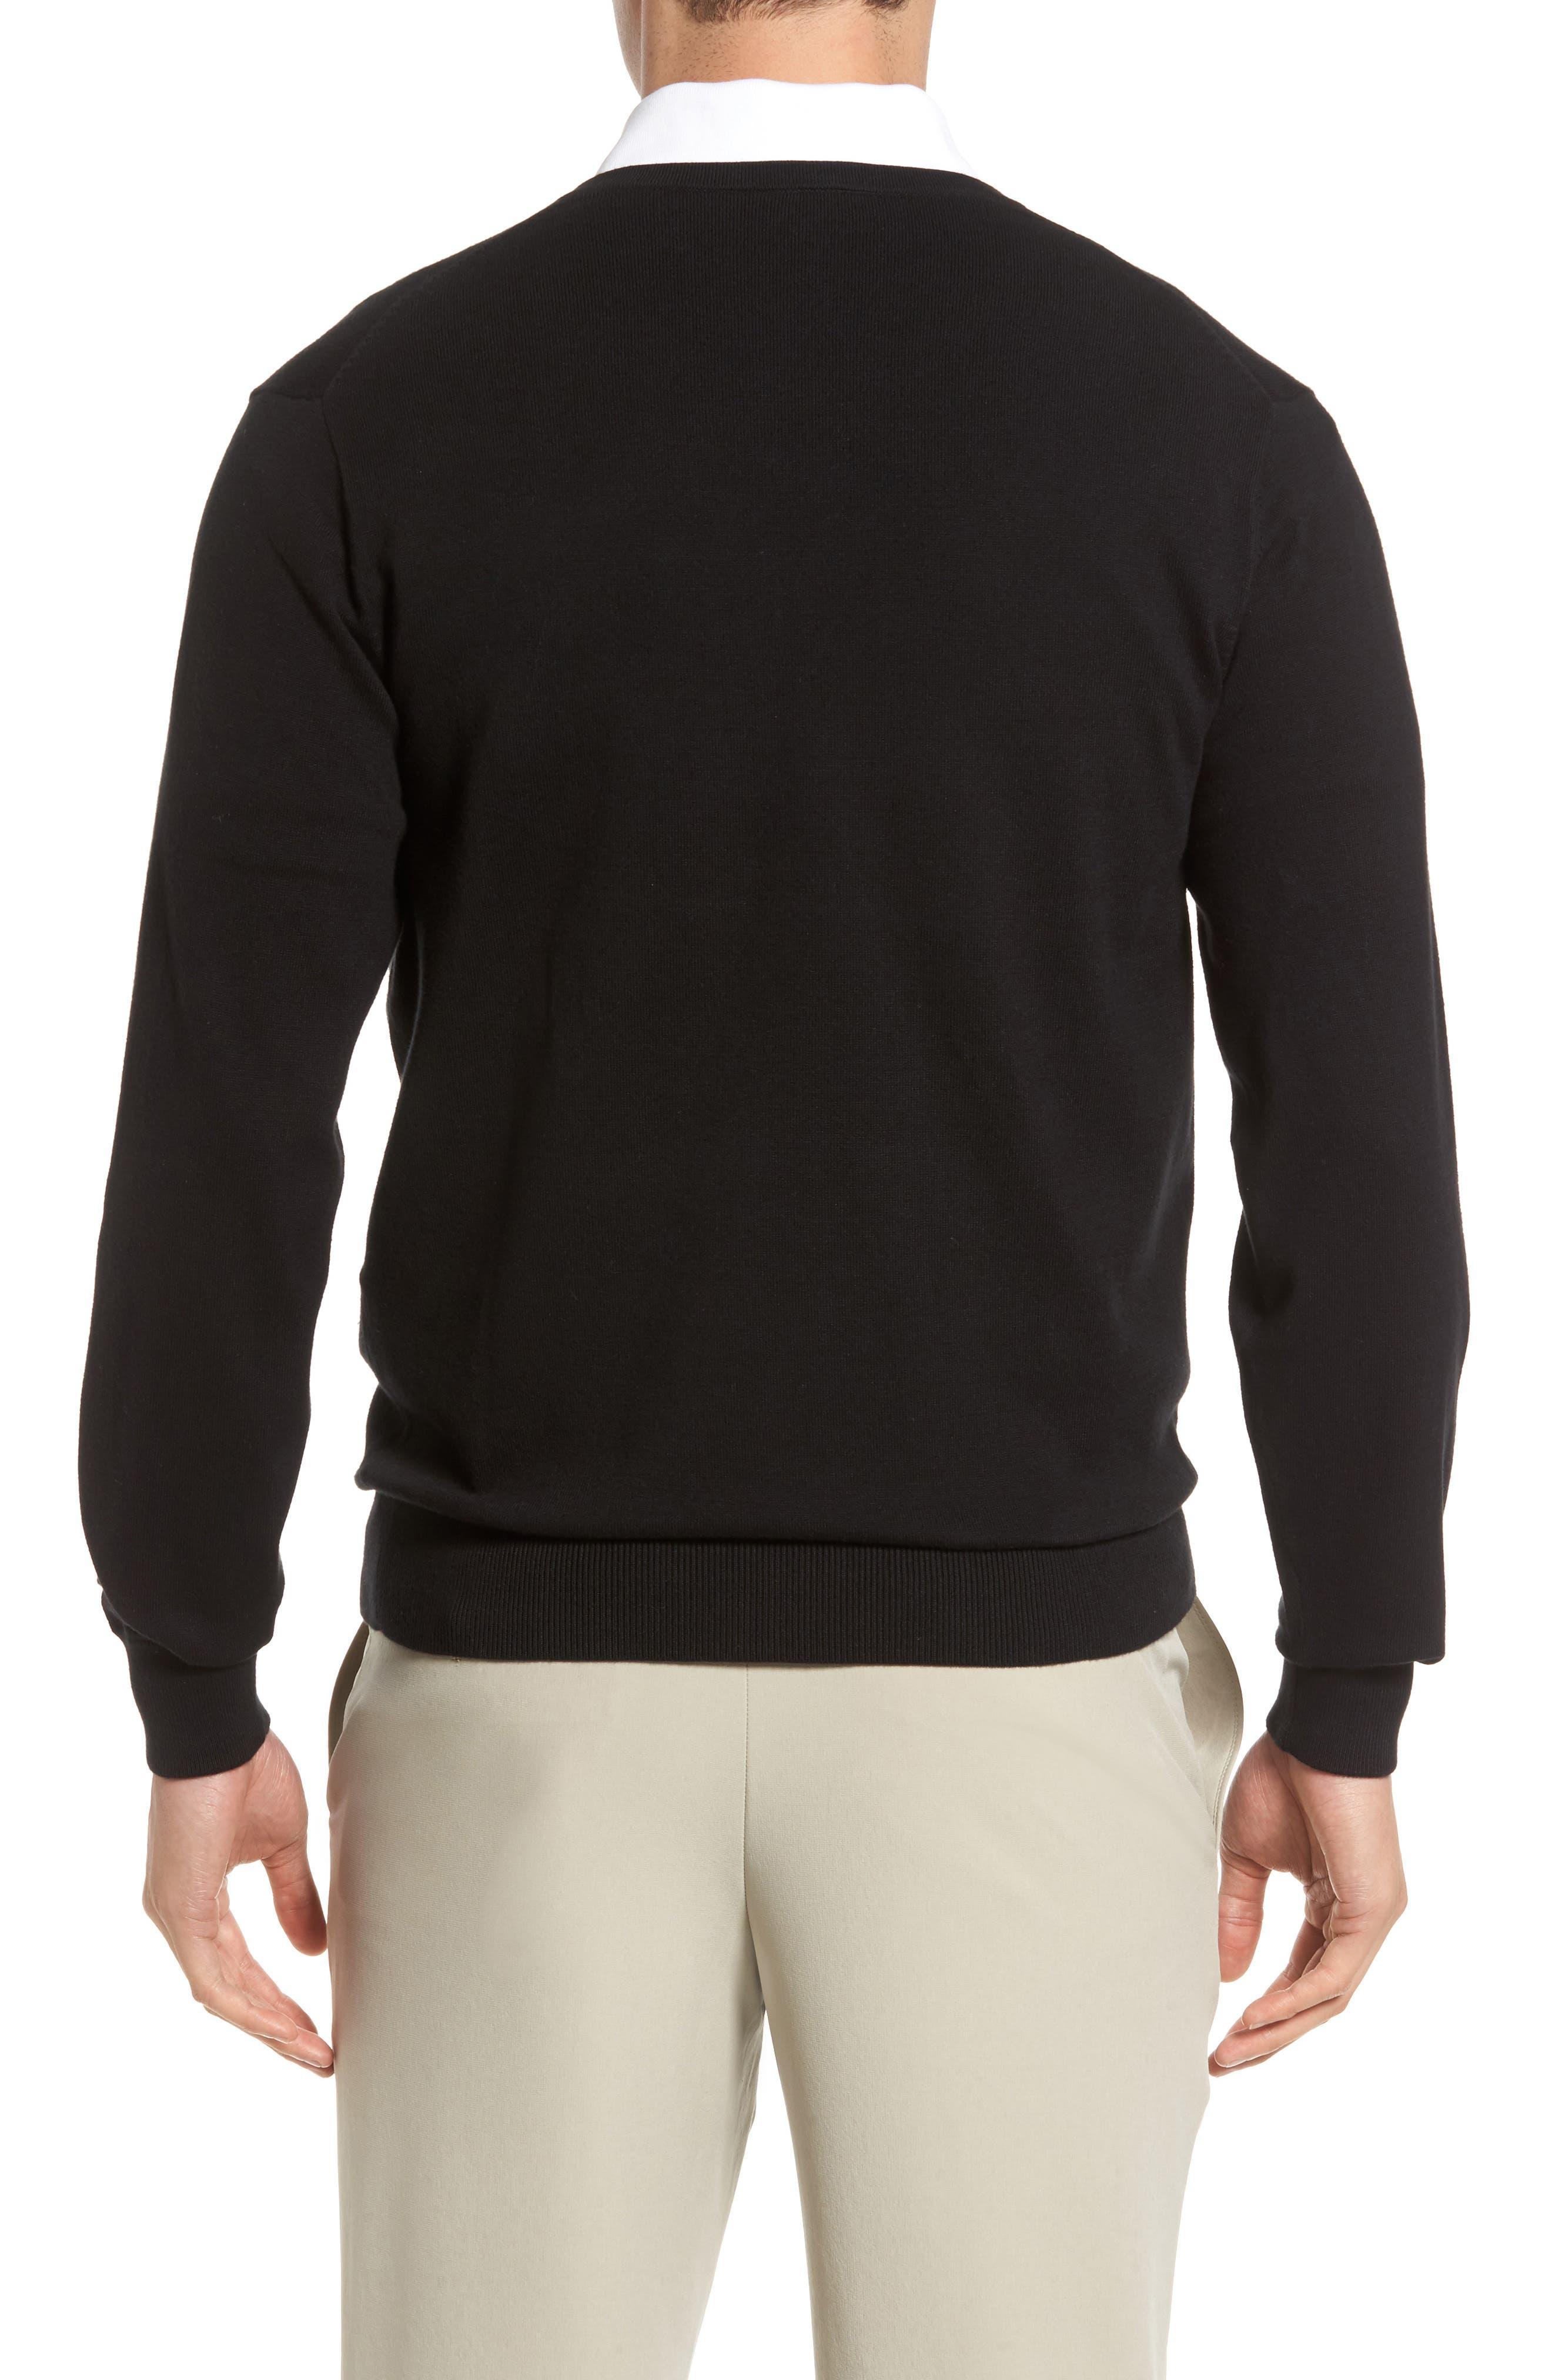 Lakemont V-Neck Sweater,                             Alternate thumbnail 2, color,                             Black